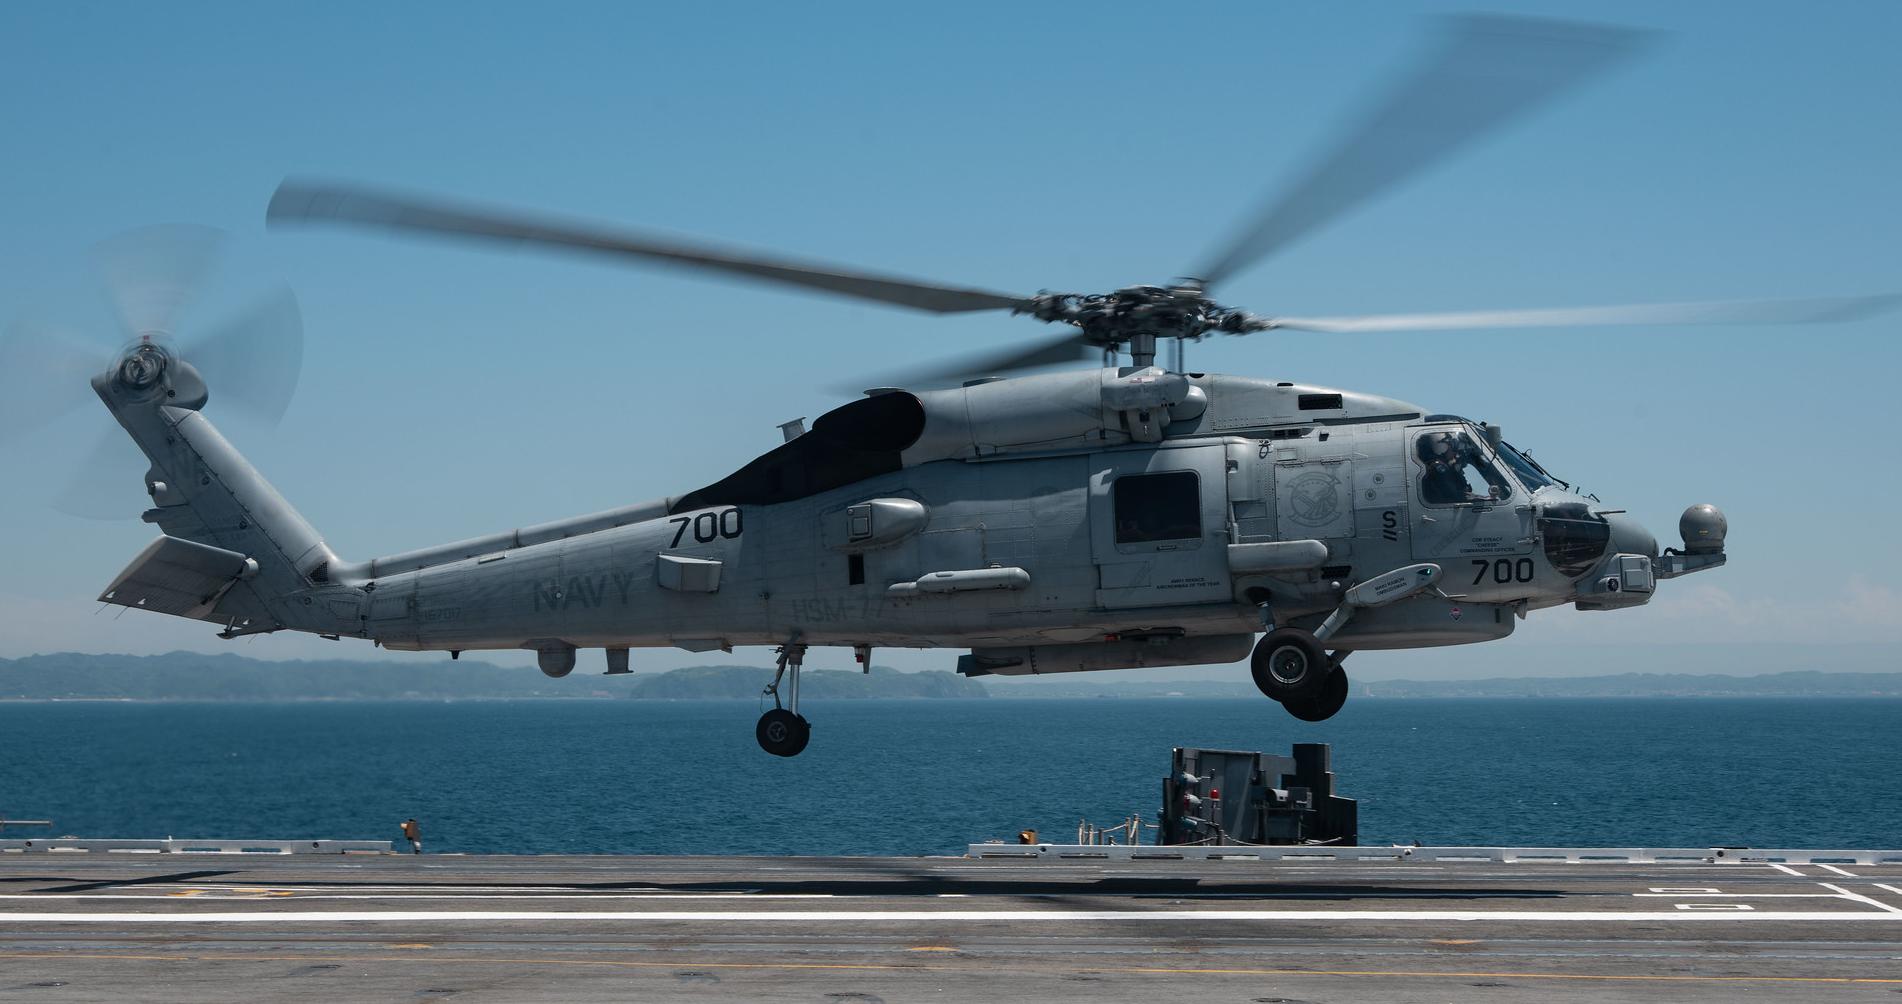 Обои MH-60R, армия, Sea Hawk helicopter. Авиация foto 3